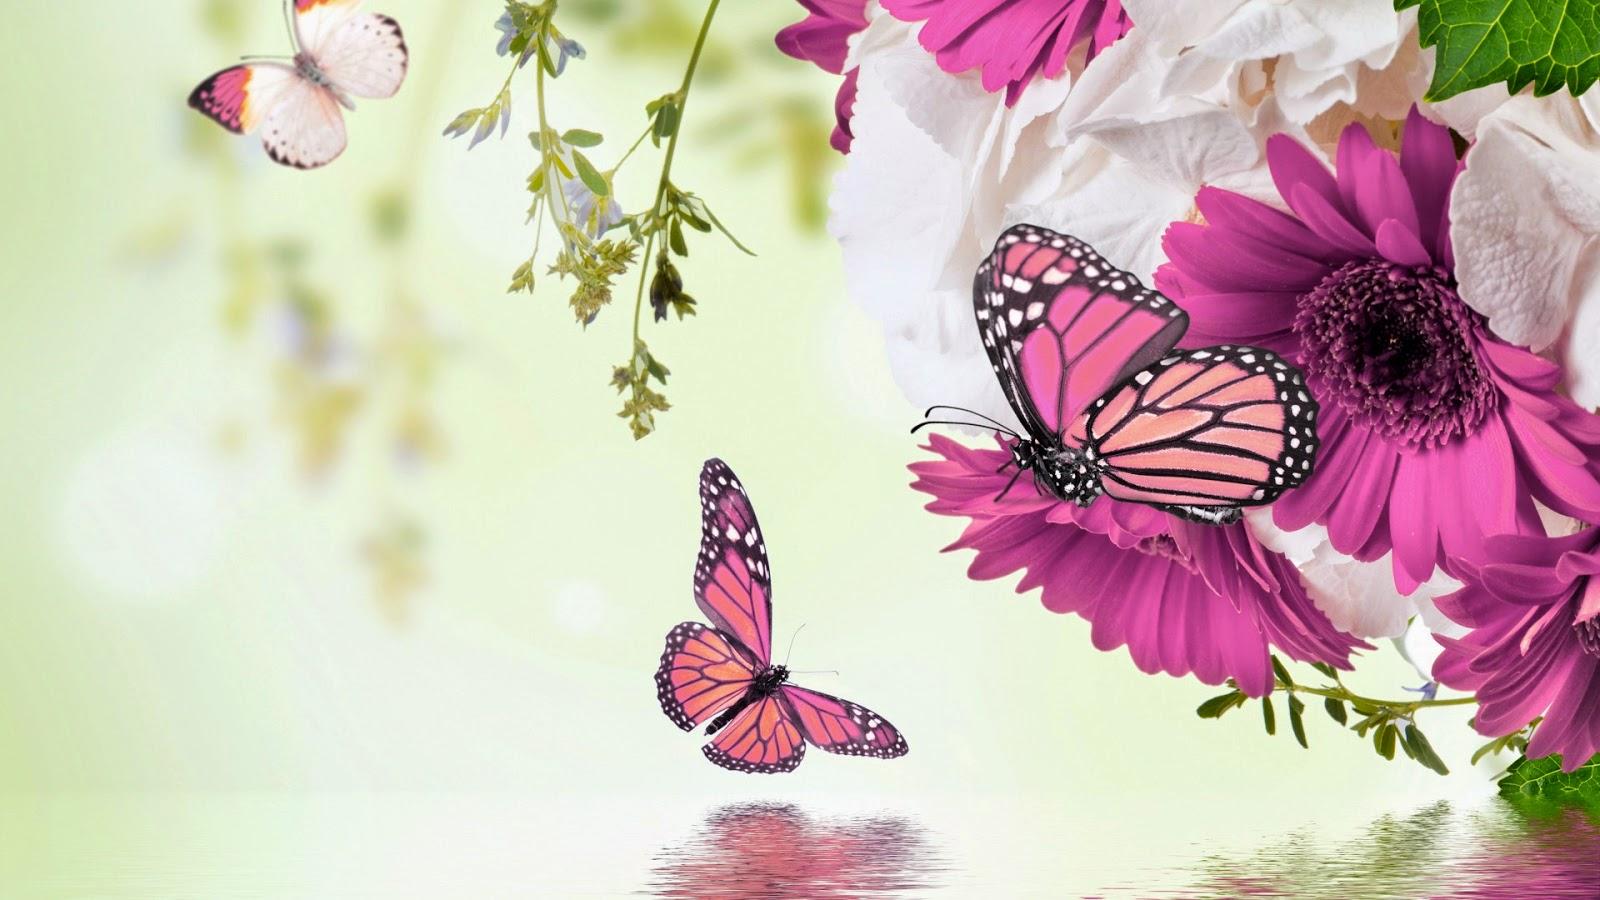 Mariposas y Flores Moradas de Colores